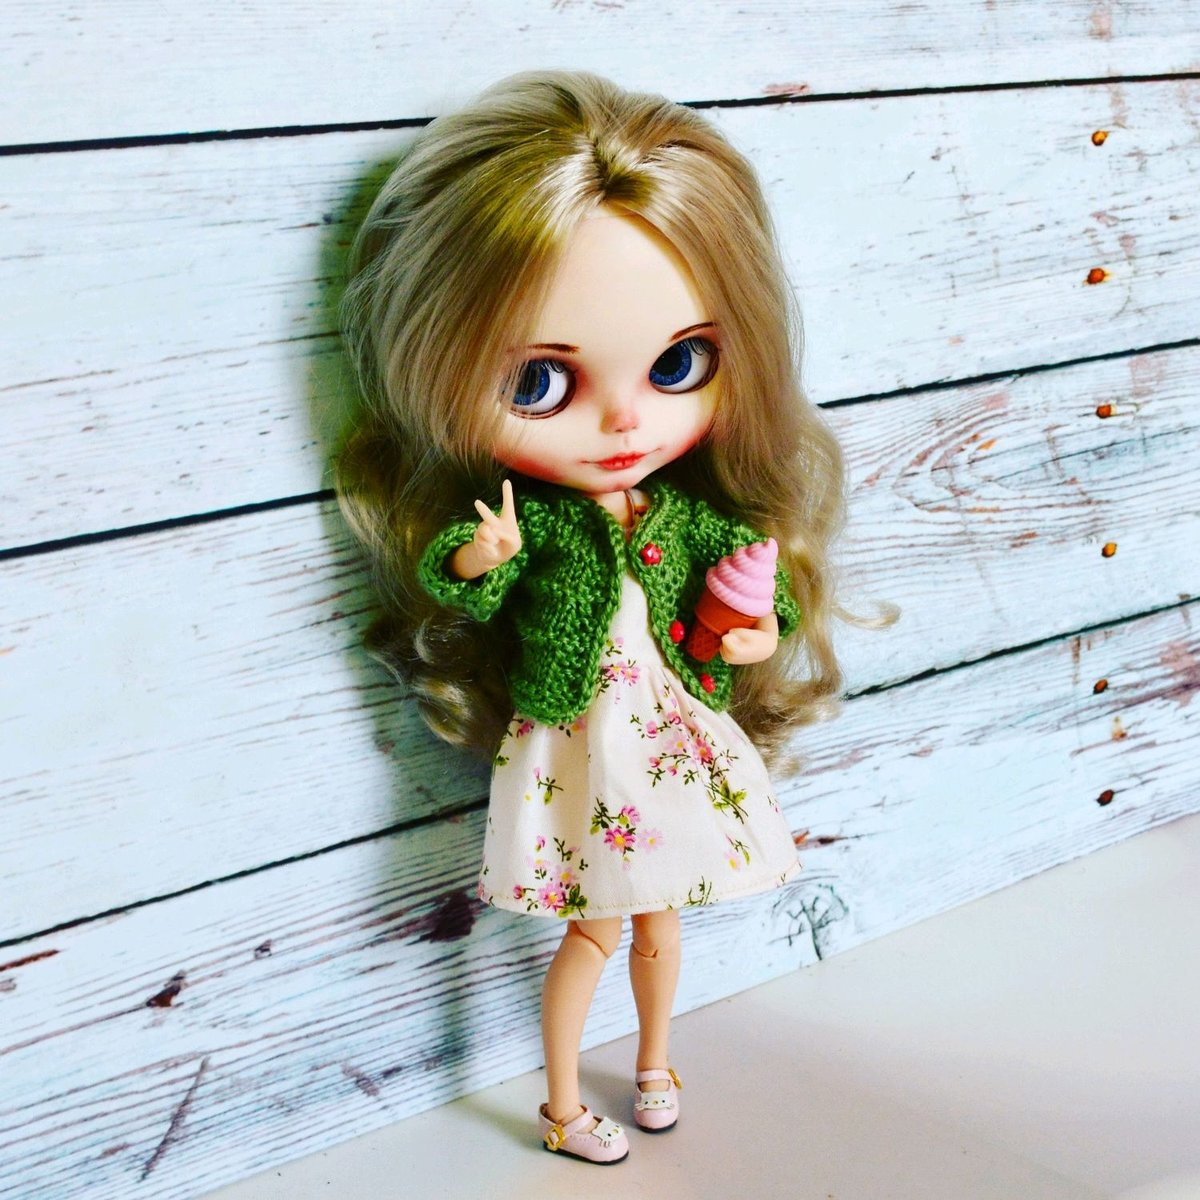 дверь фотографии кукол оригинальные можно неплохо сэкономить